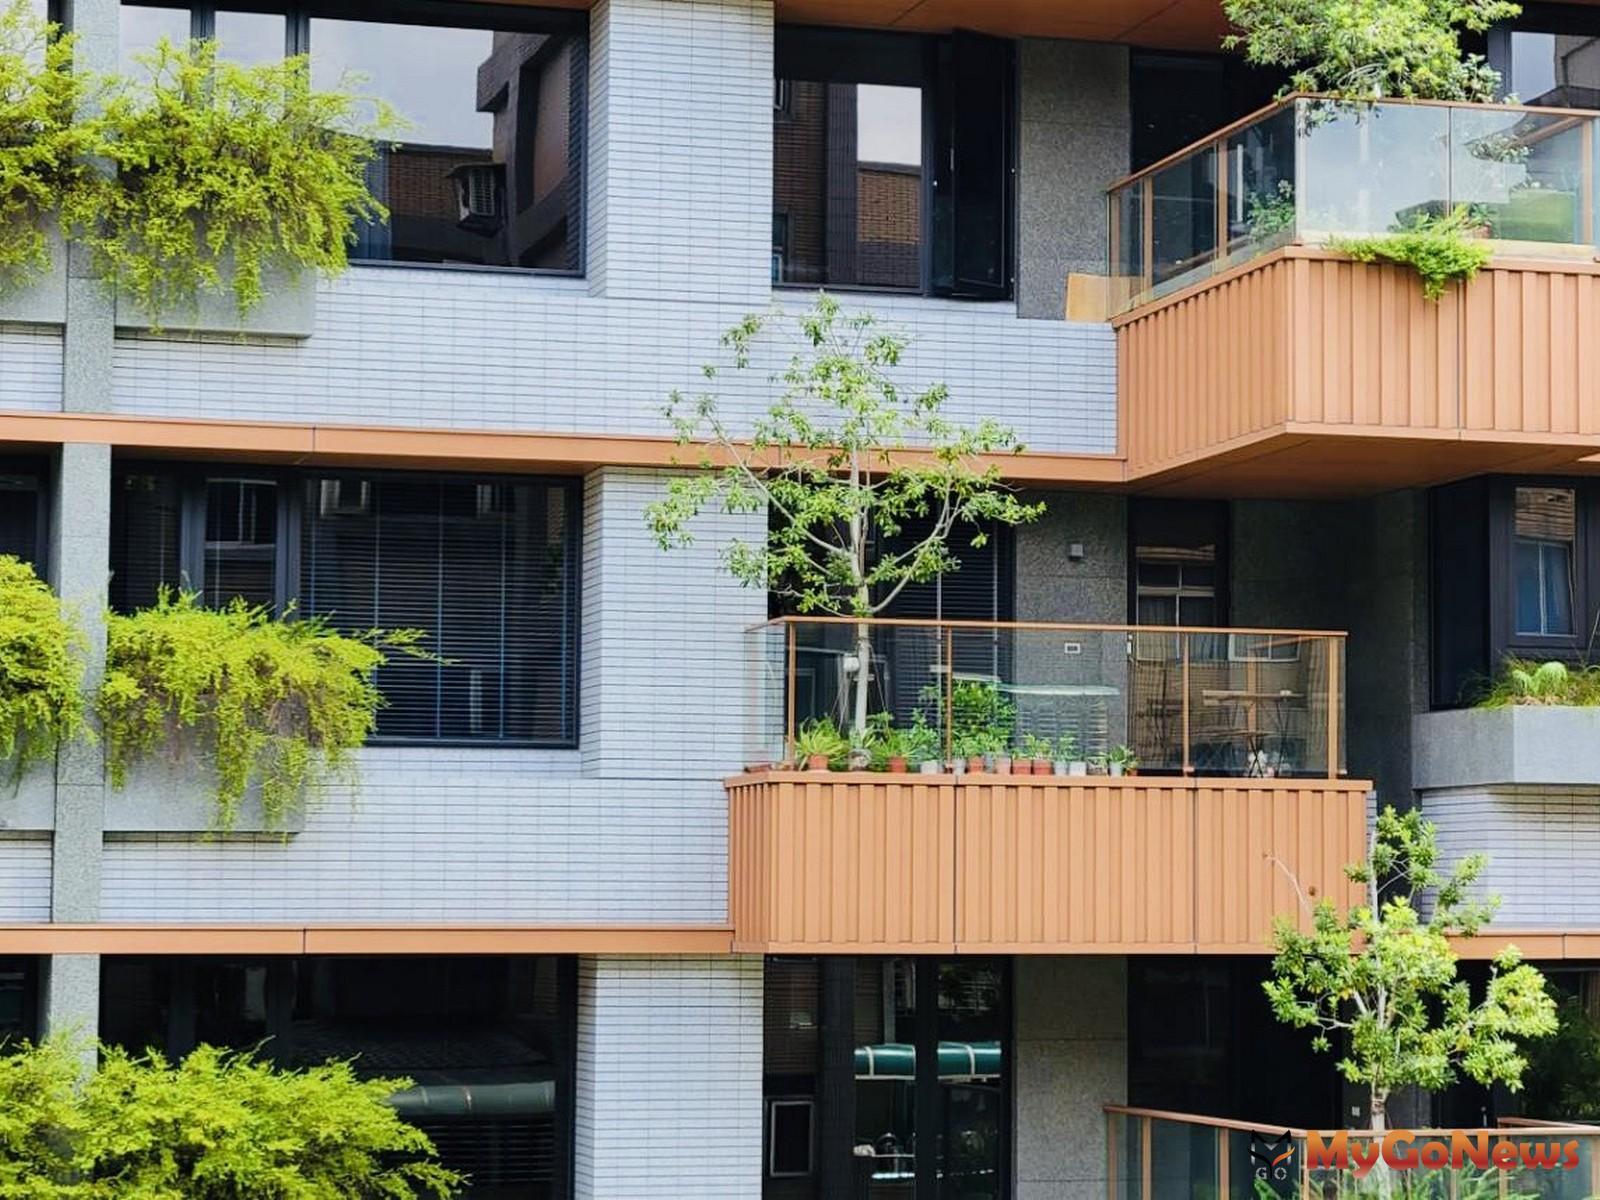 綠建築每年可省下約86億的水電費,可買下22戶的帝寶豪宅,圖為位於新北蘆洲的綠建築-陸江聚(圖-台灣房屋) MyGoNews房地產新聞 市場快訊